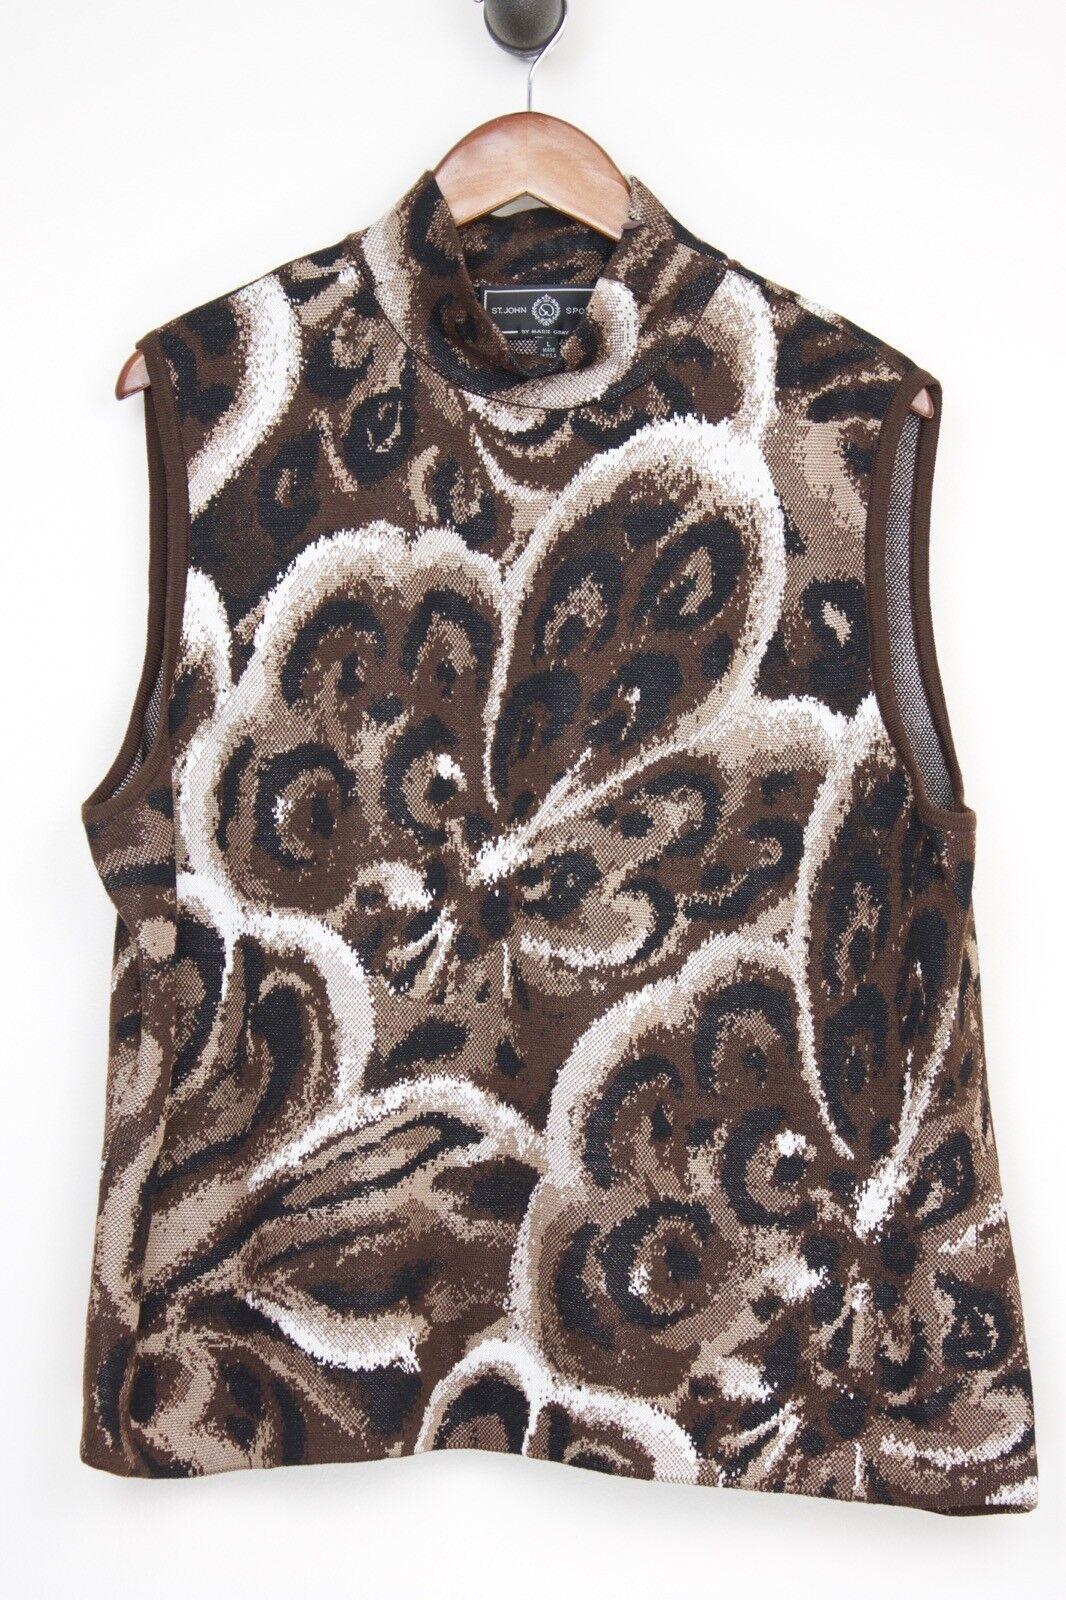 St John Sport  Knit Moc Camiseta sin mangas de cuello L marrón Floral Mezcla De Lana Hecho en EE. UU.  precios ultra bajos